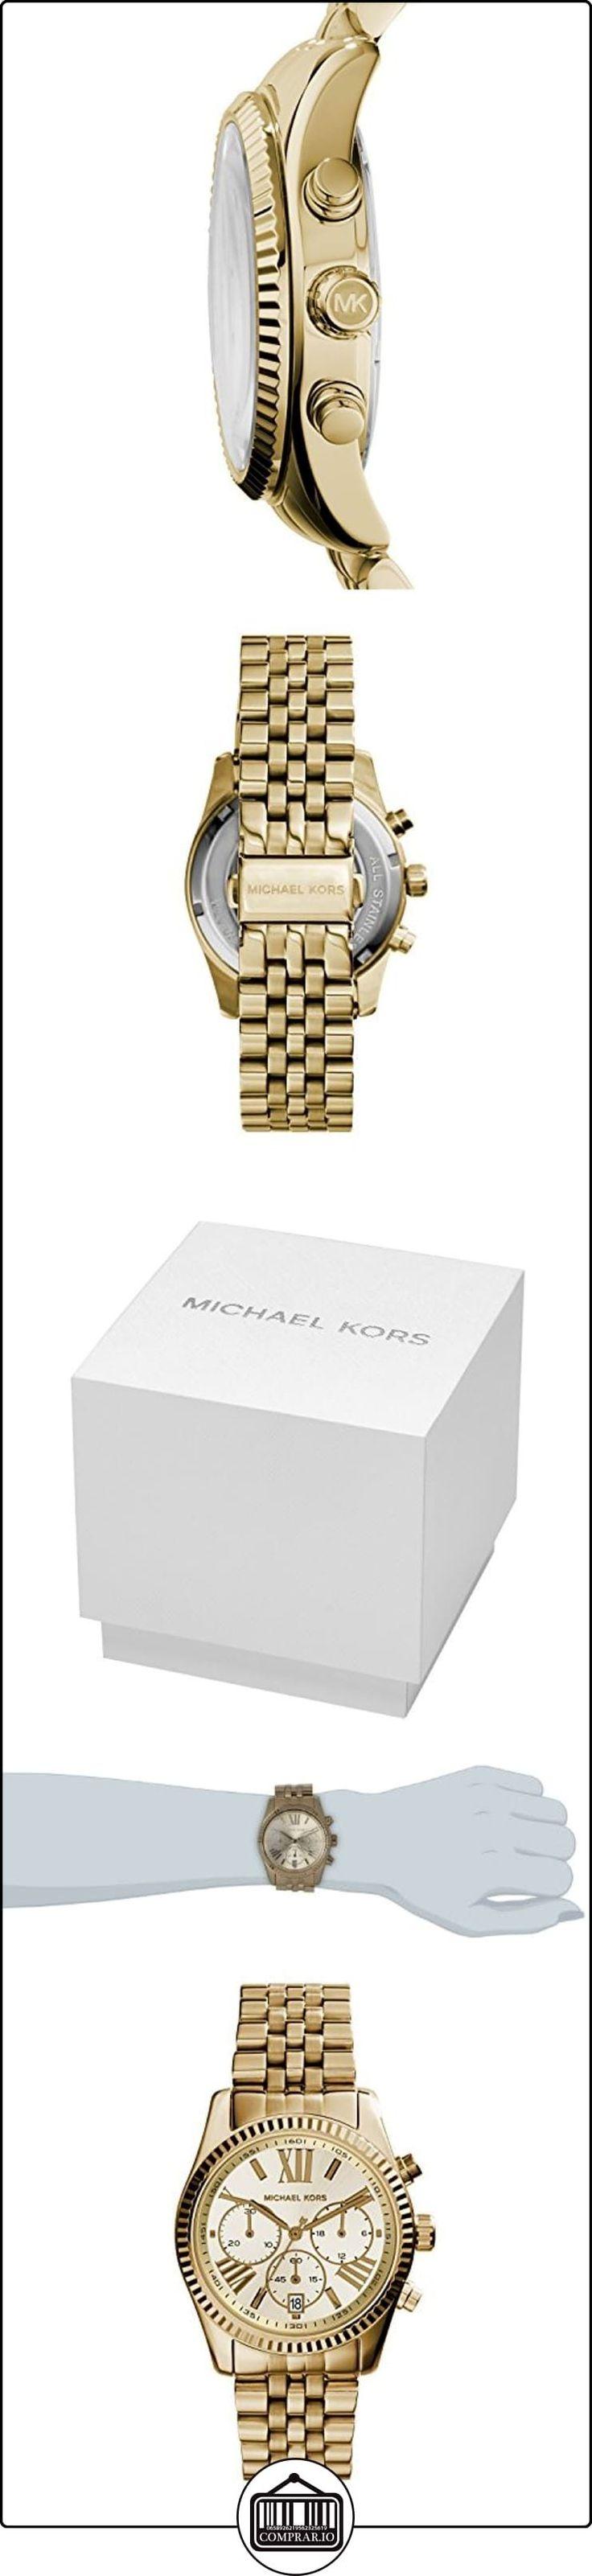 Michael Kors MK5556 - Reloj de cuarzo con correa de acero inoxidable para mujer, color dorado ✿ Relojes para mujer - (Gama media/alta) ✿ #relojmichaelkorshombre #relojmichaelkors #reloj #michaelkors #espana #michaelkorsespana #relojesmk #mkreloj